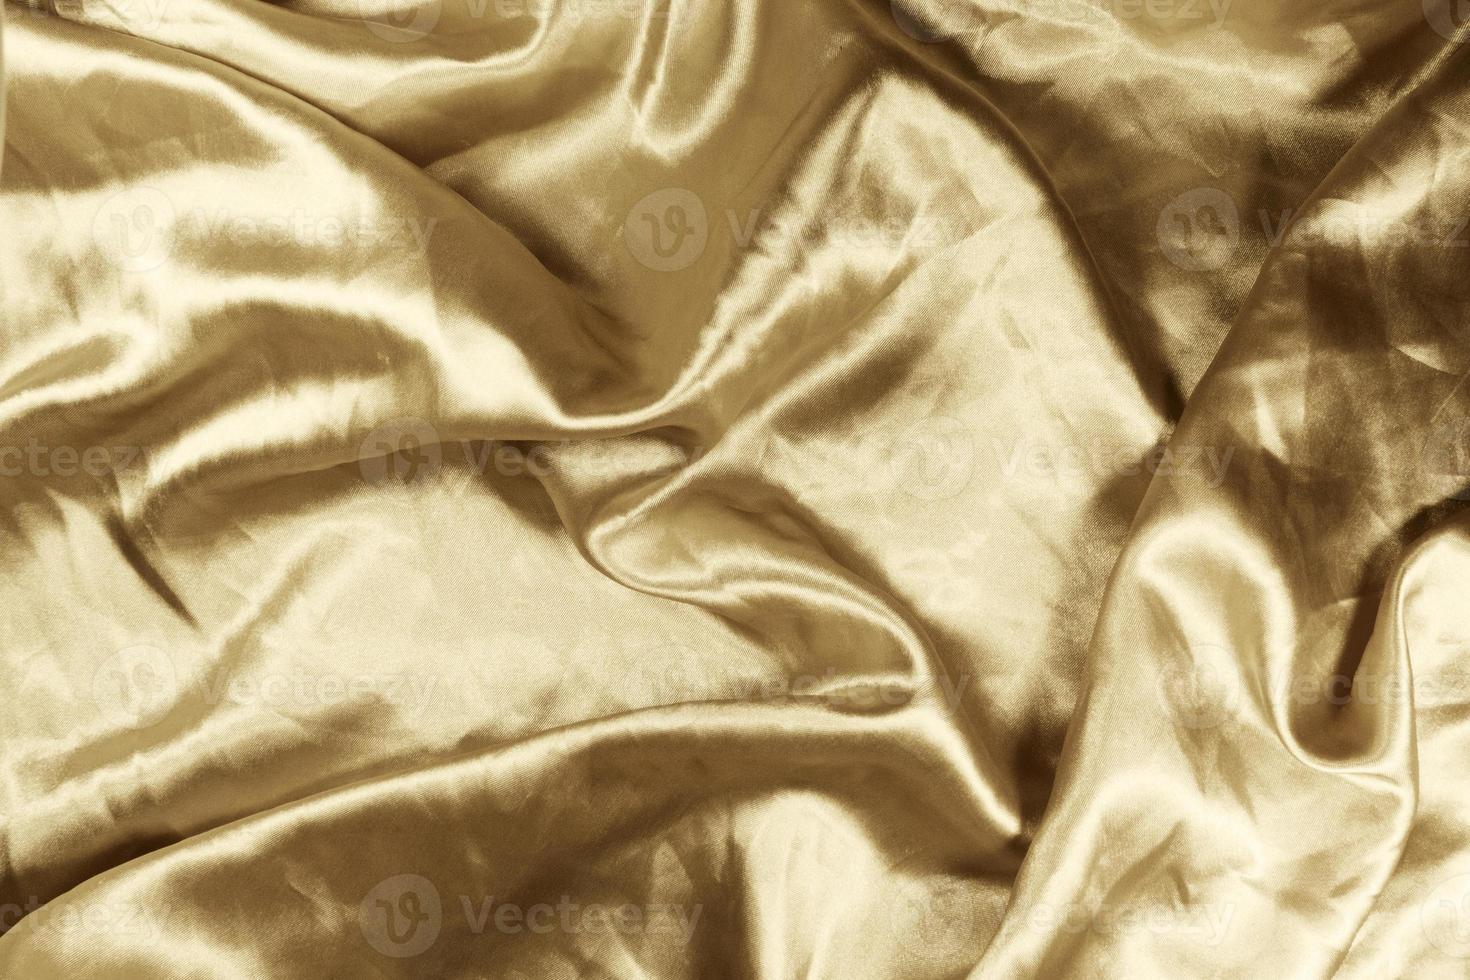 guld satin bakgrund med en abstrakt design som ger utseendet av glittrande vågor. foto